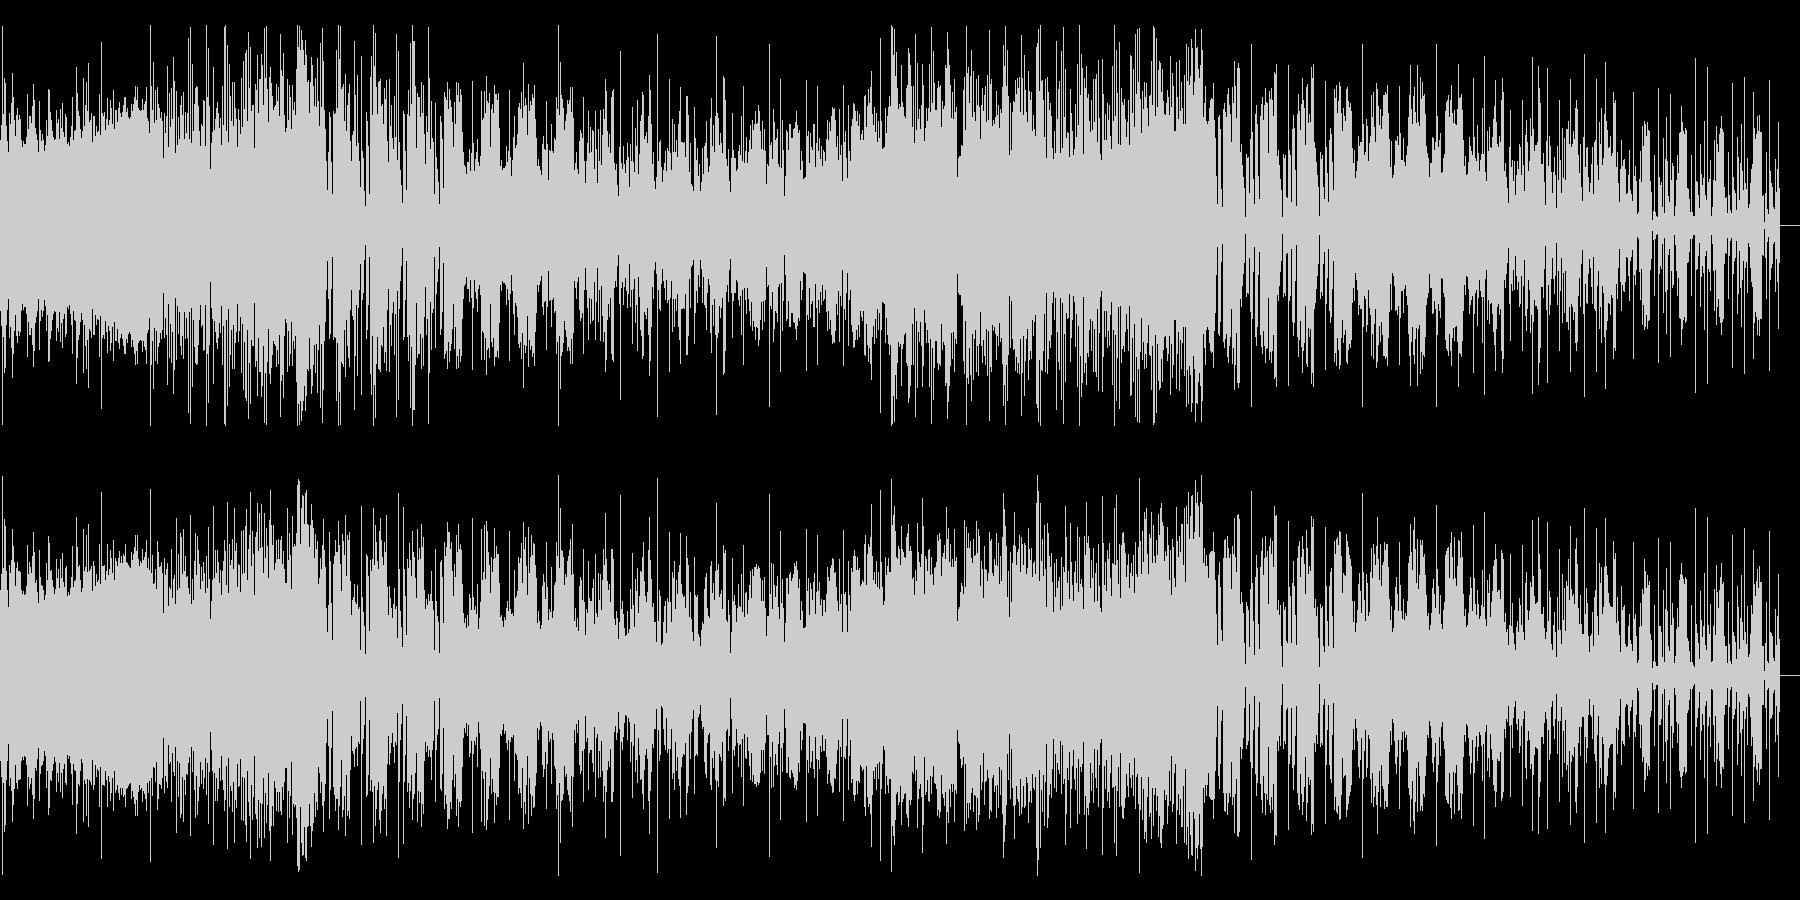 リズミカルなノイズのロボティックなIDMの未再生の波形